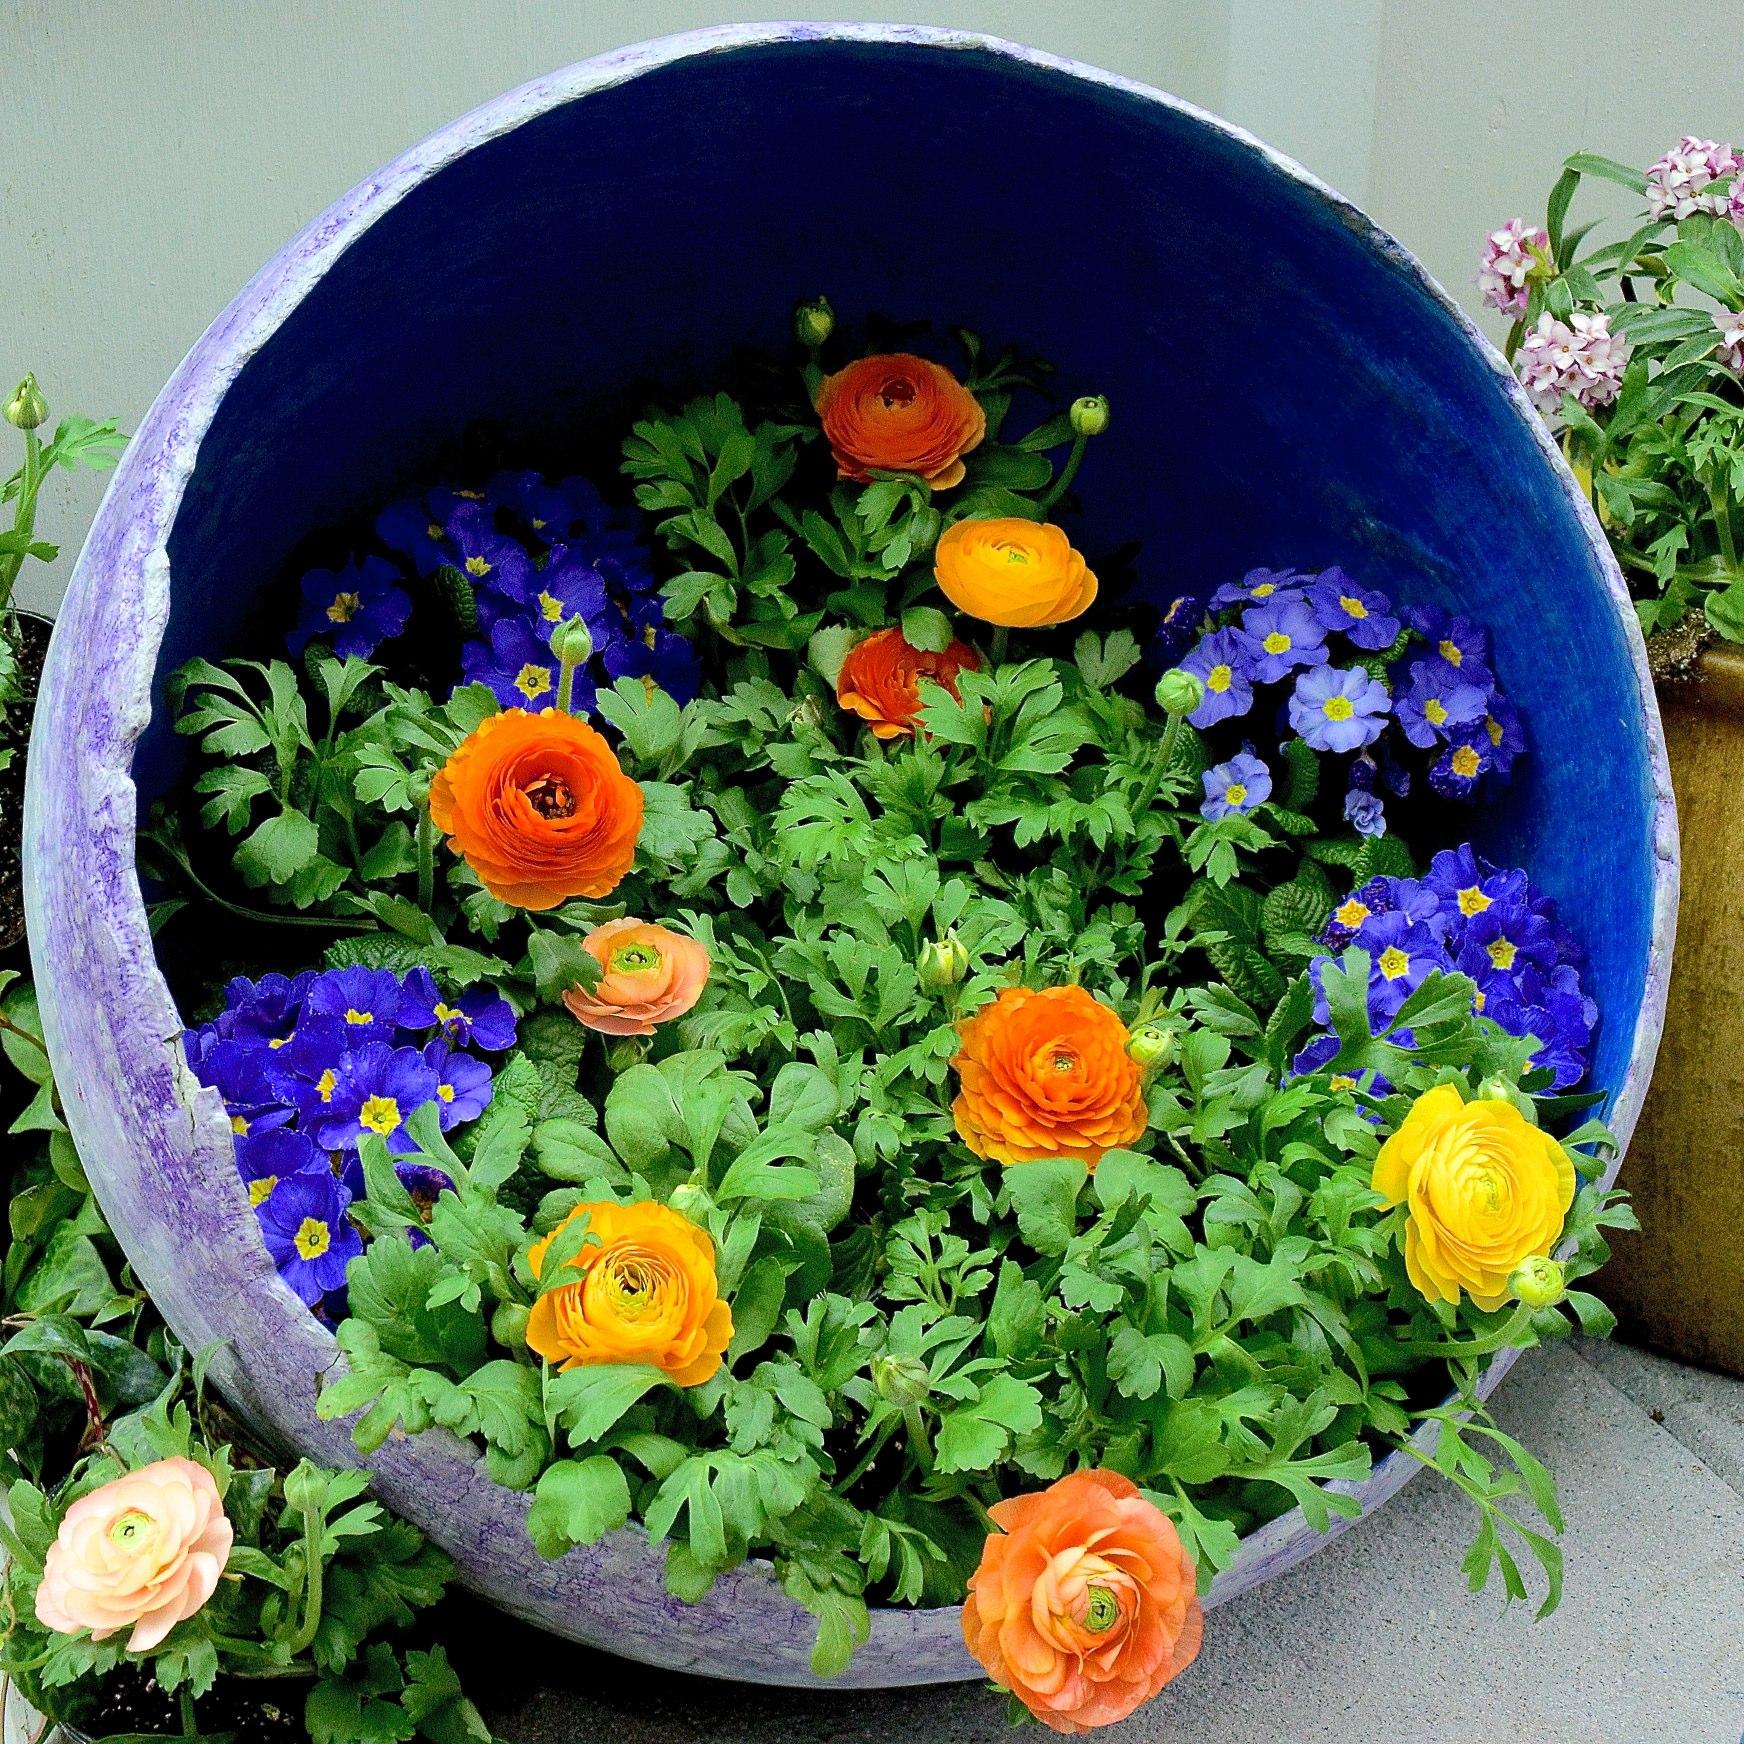 Симпатичная цветочная композиция с оранжевыми ранункулюсами